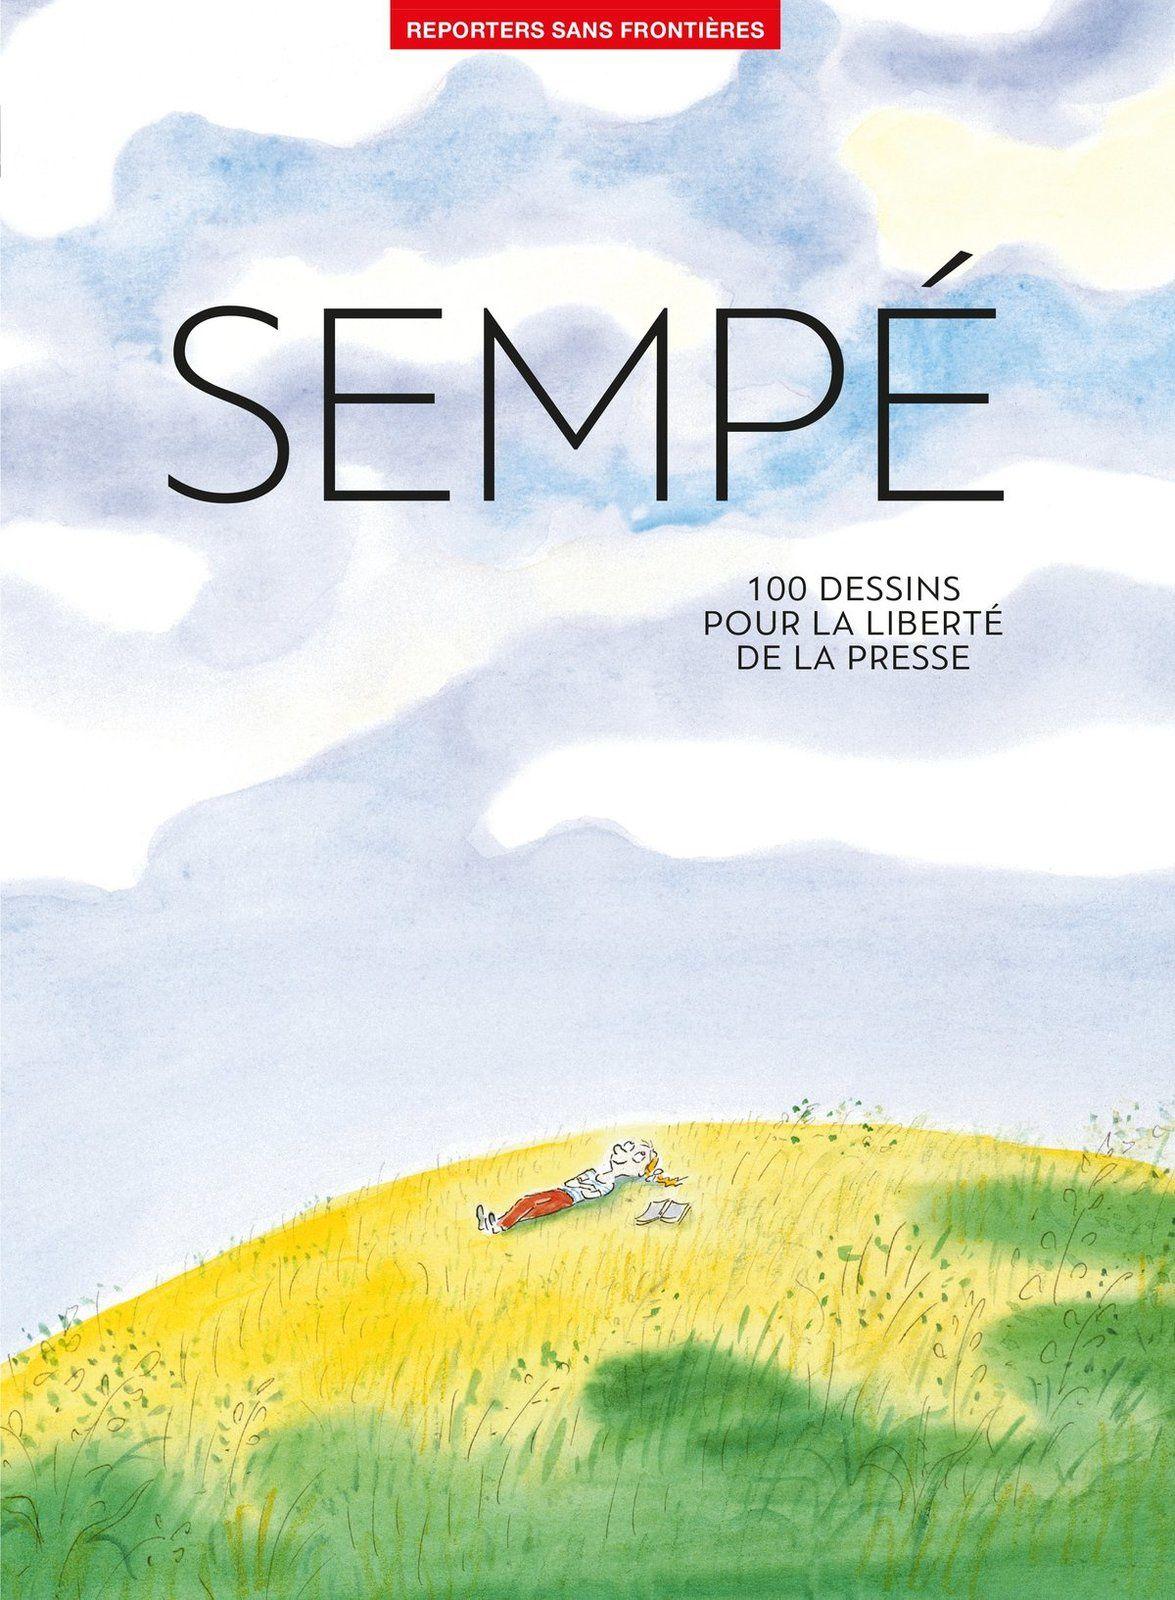 Au profit de Reporters sans frontières : 100 dessins de Sempé pour la liberté de la presse.